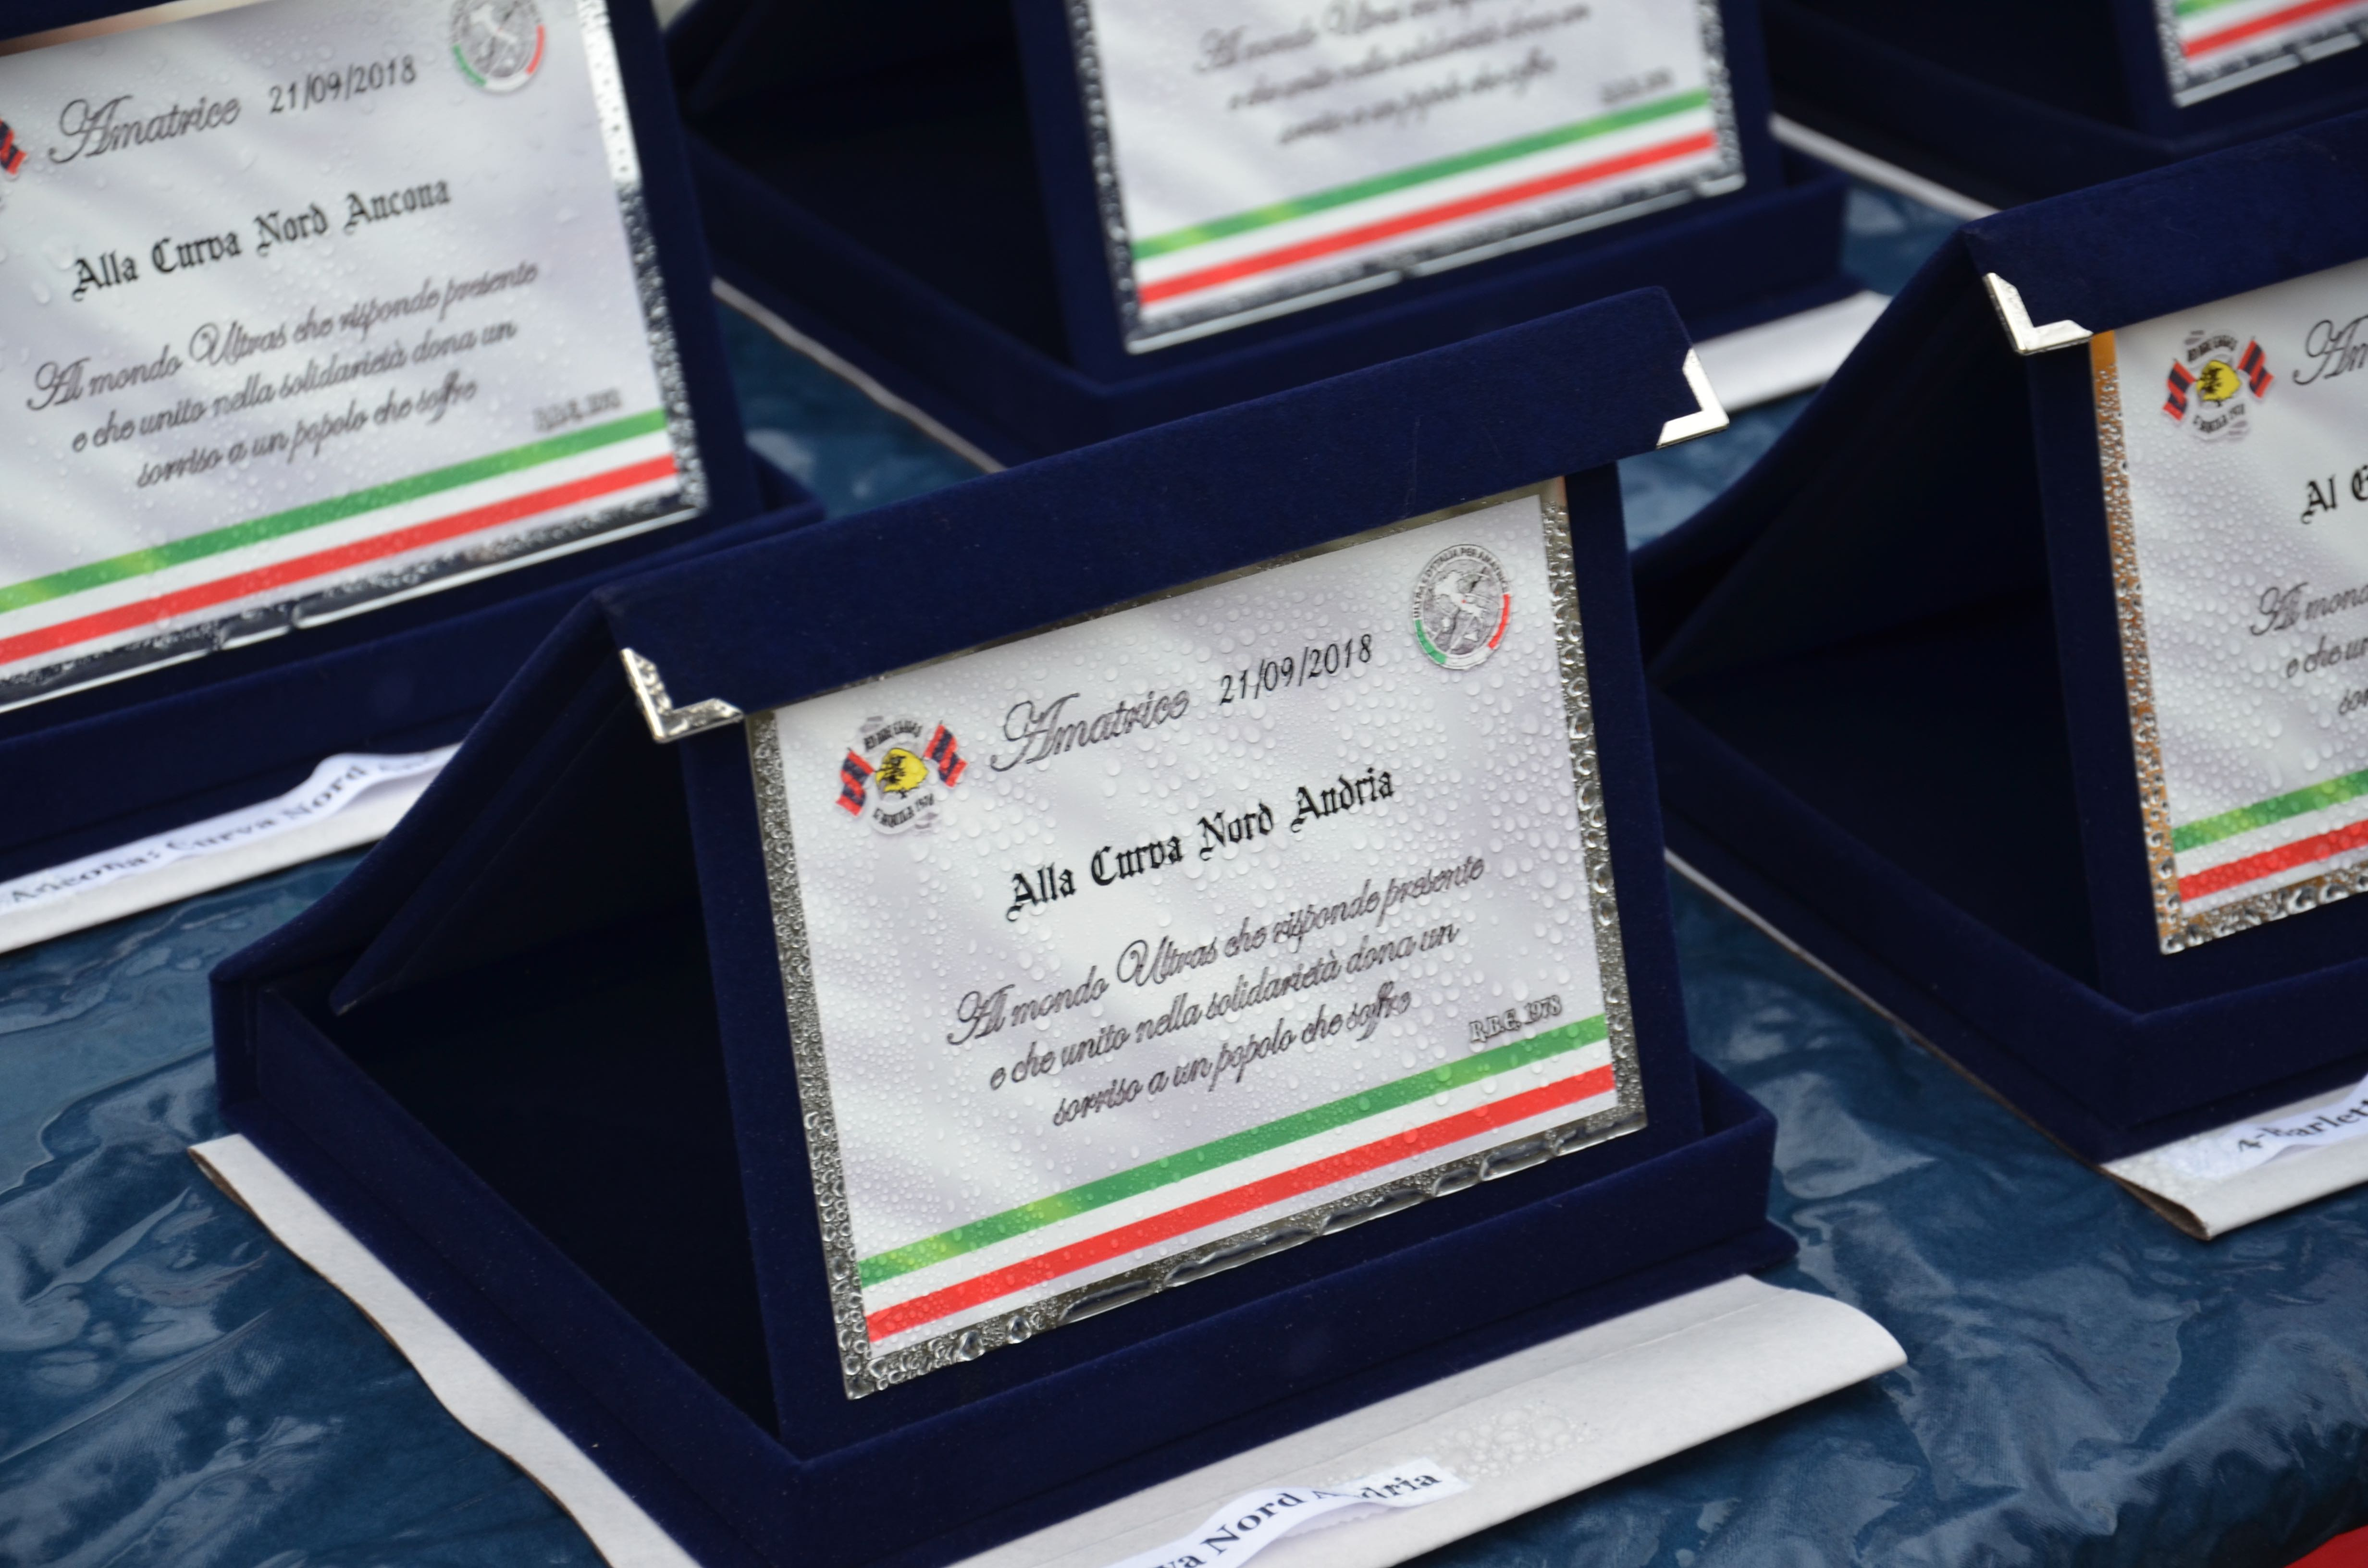 Targhe donate alla tifoserie che hanno partecipato al progetto.